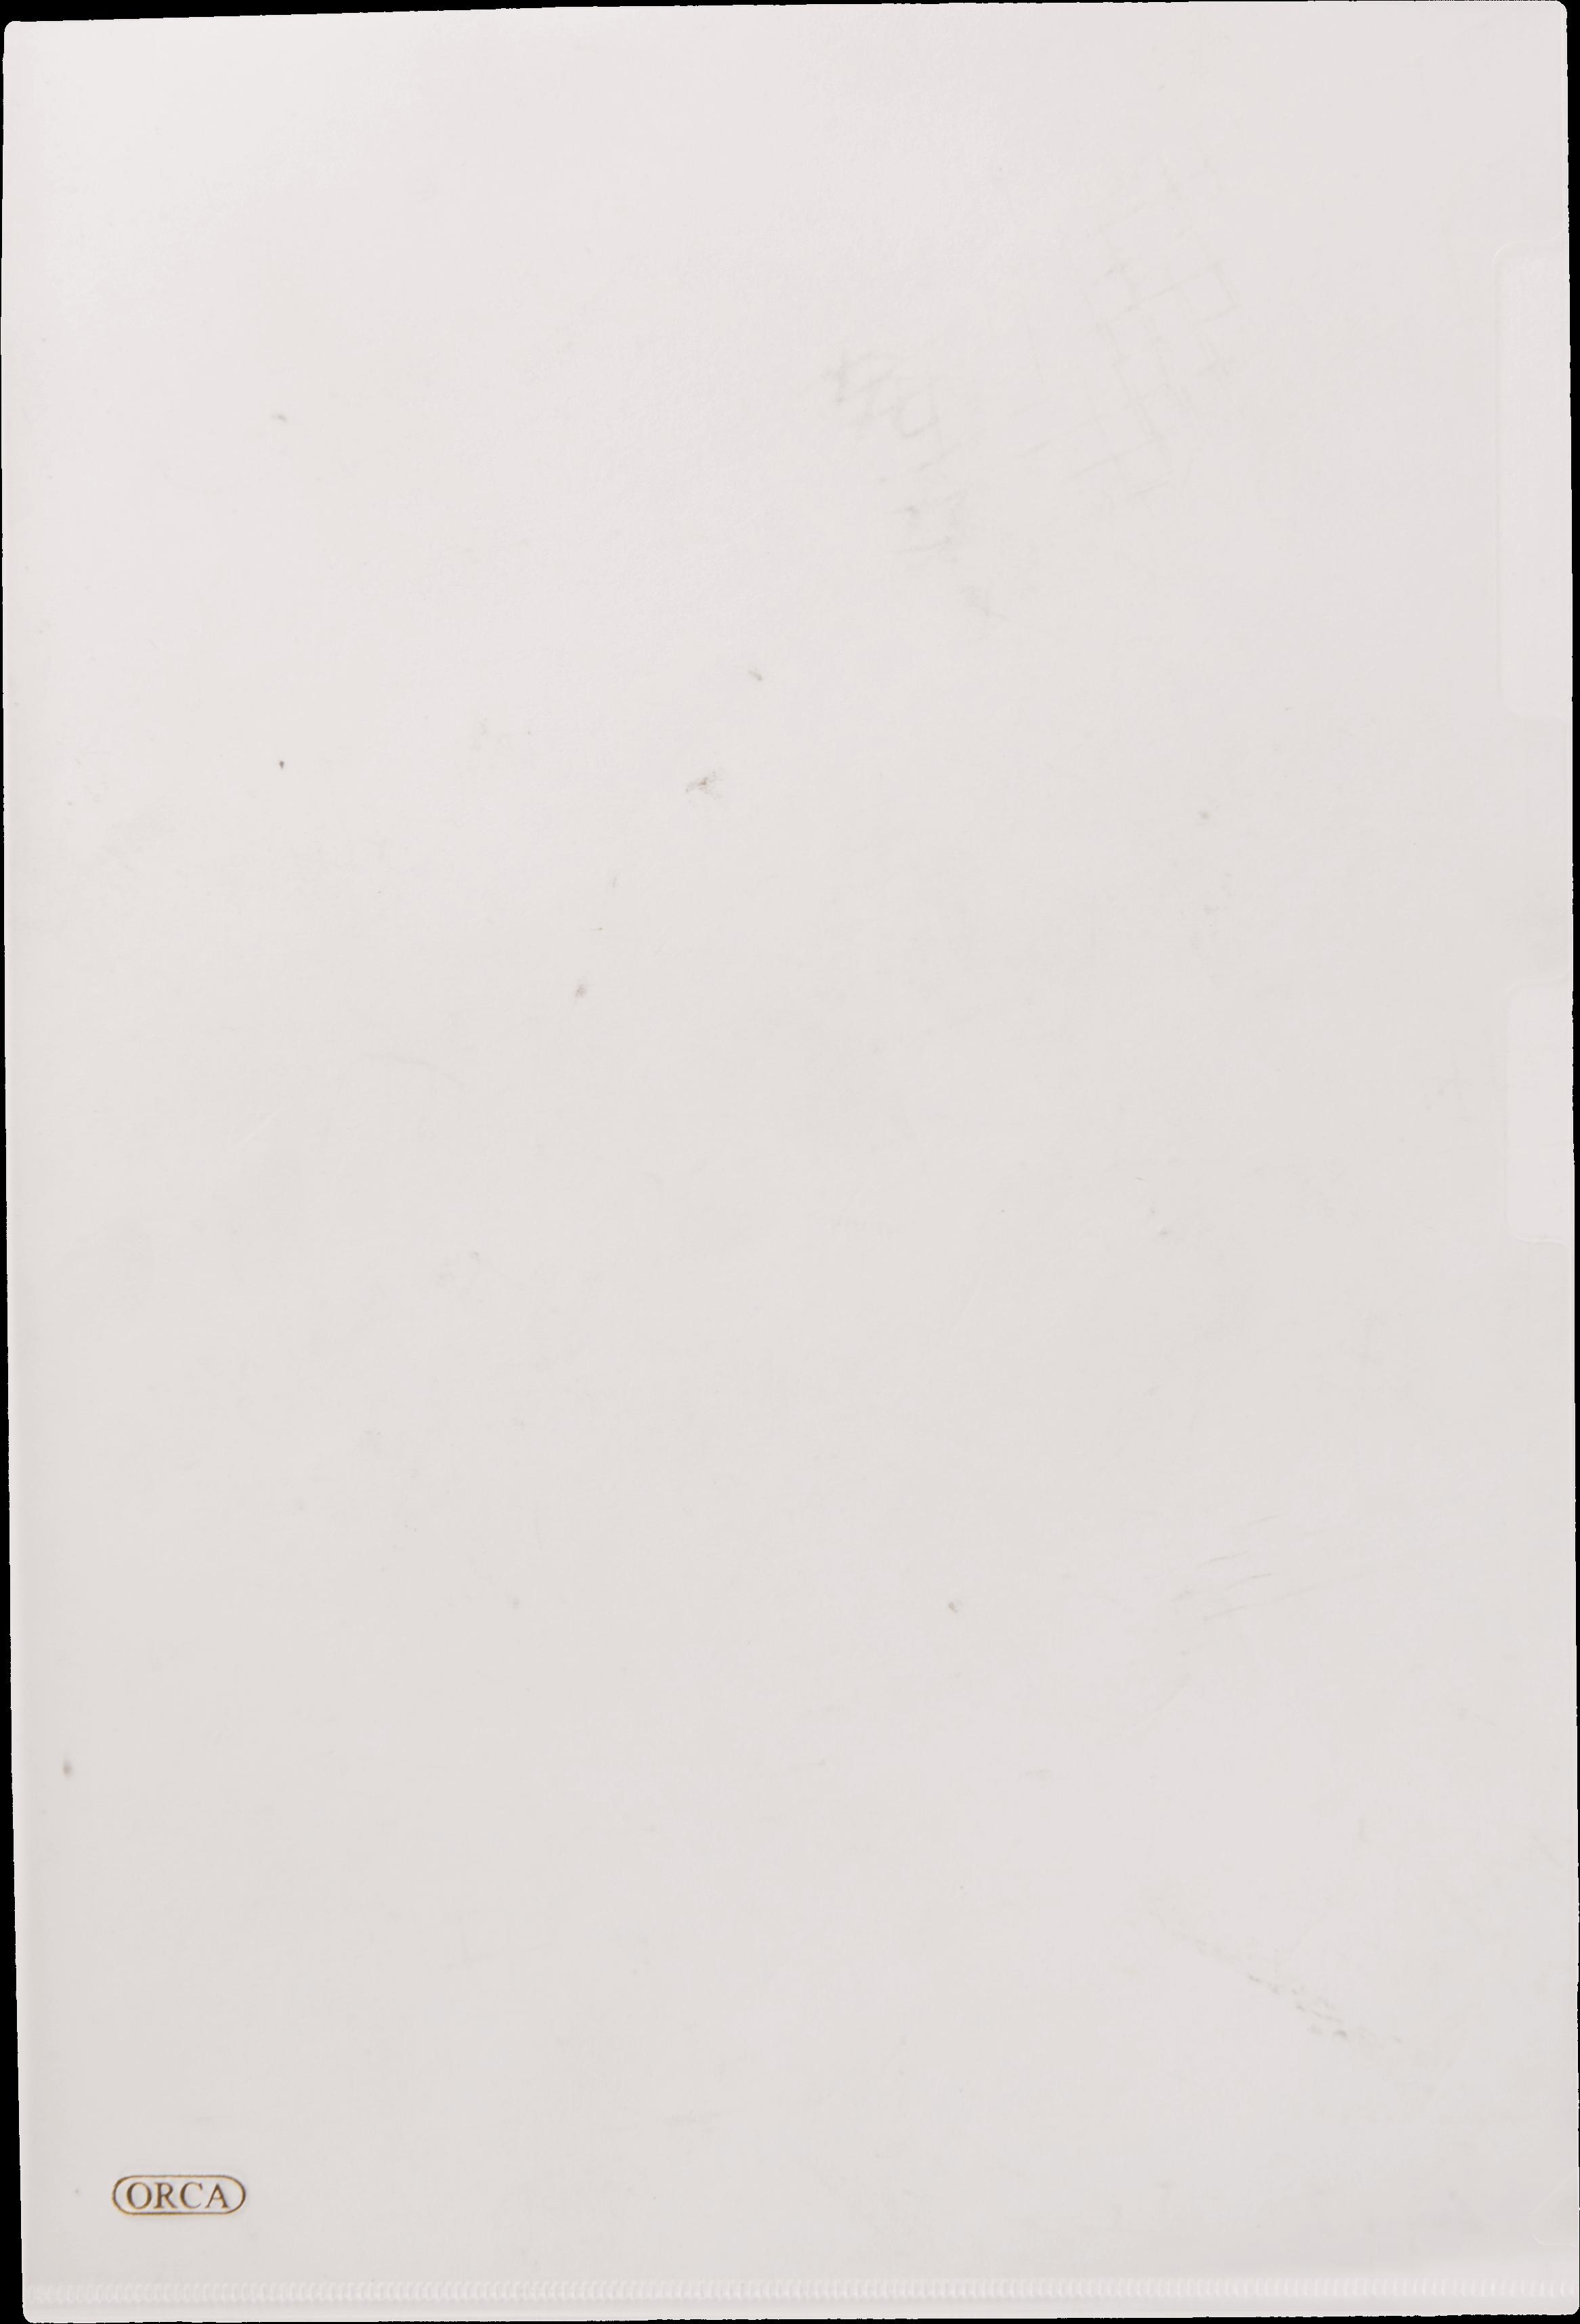 แฟ้มซองพลาสติก Orca 1 ชั้น สีขาว F4